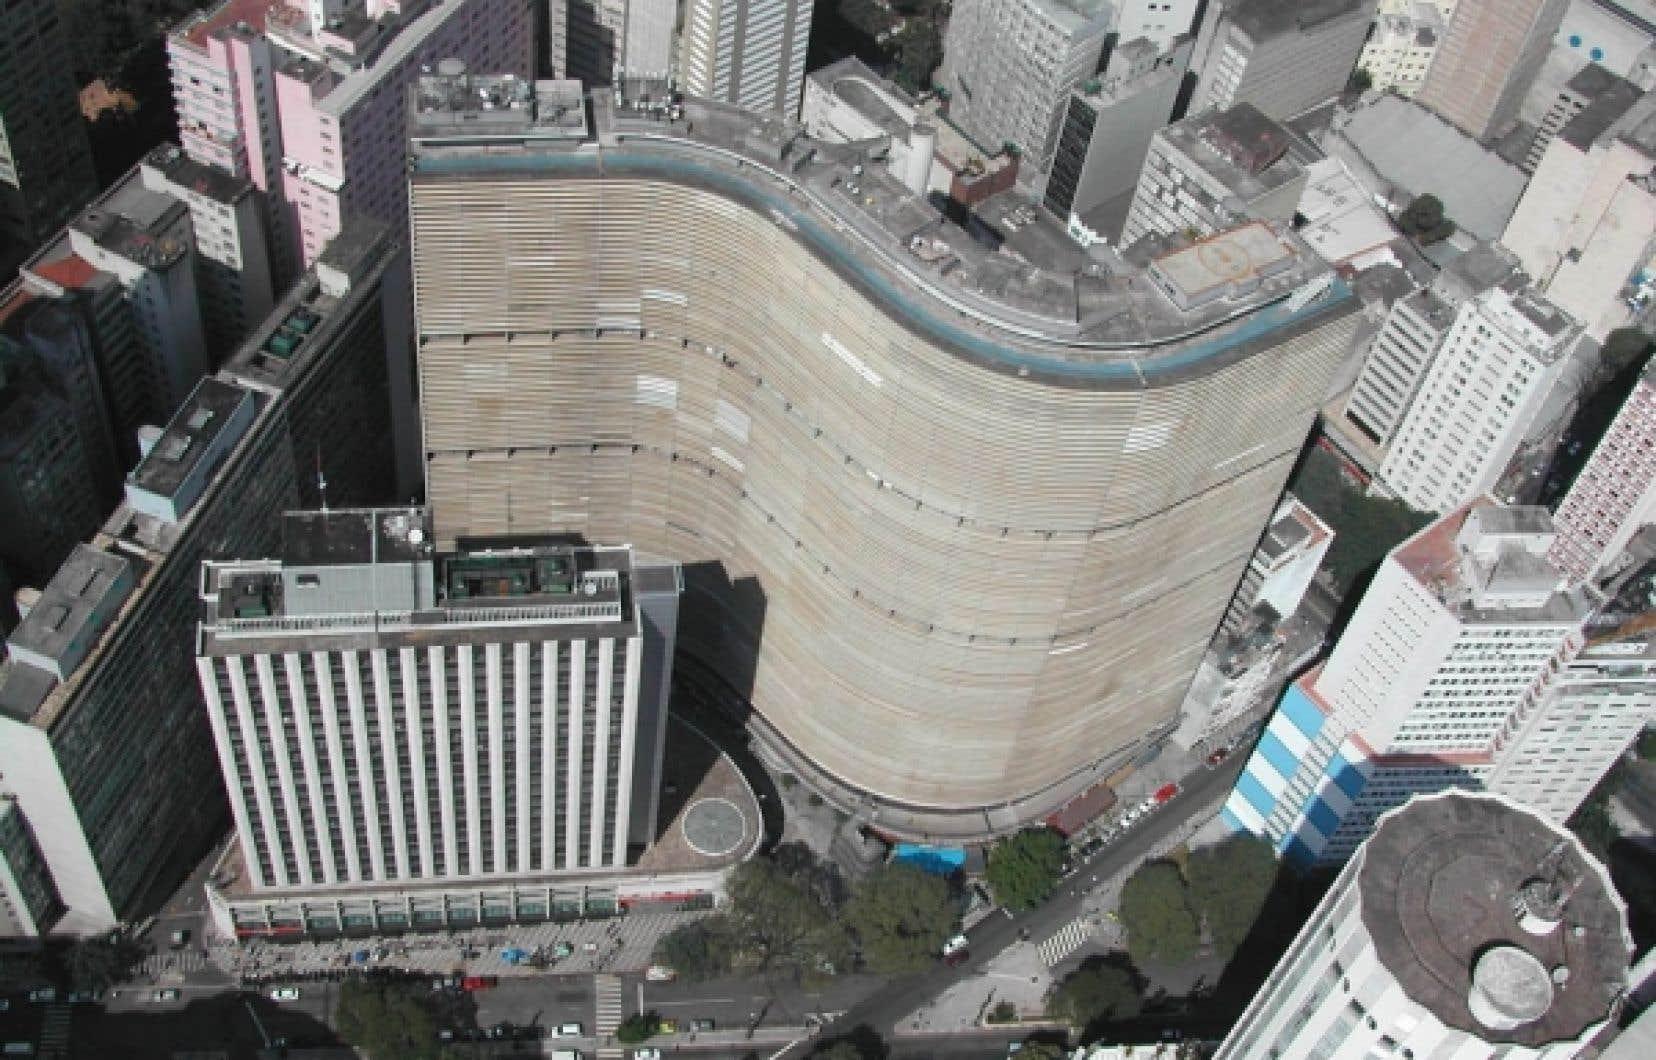 L'édifice Copan a été bâti entre 1951 et 1966. Avec sa forme en «S» et son interminable façade en béton et en verre, il ondule au coeur de la mégalopole brésilienne, s'implantant sur son site en suivant le dénivelé plutôt que le tracé des rues.